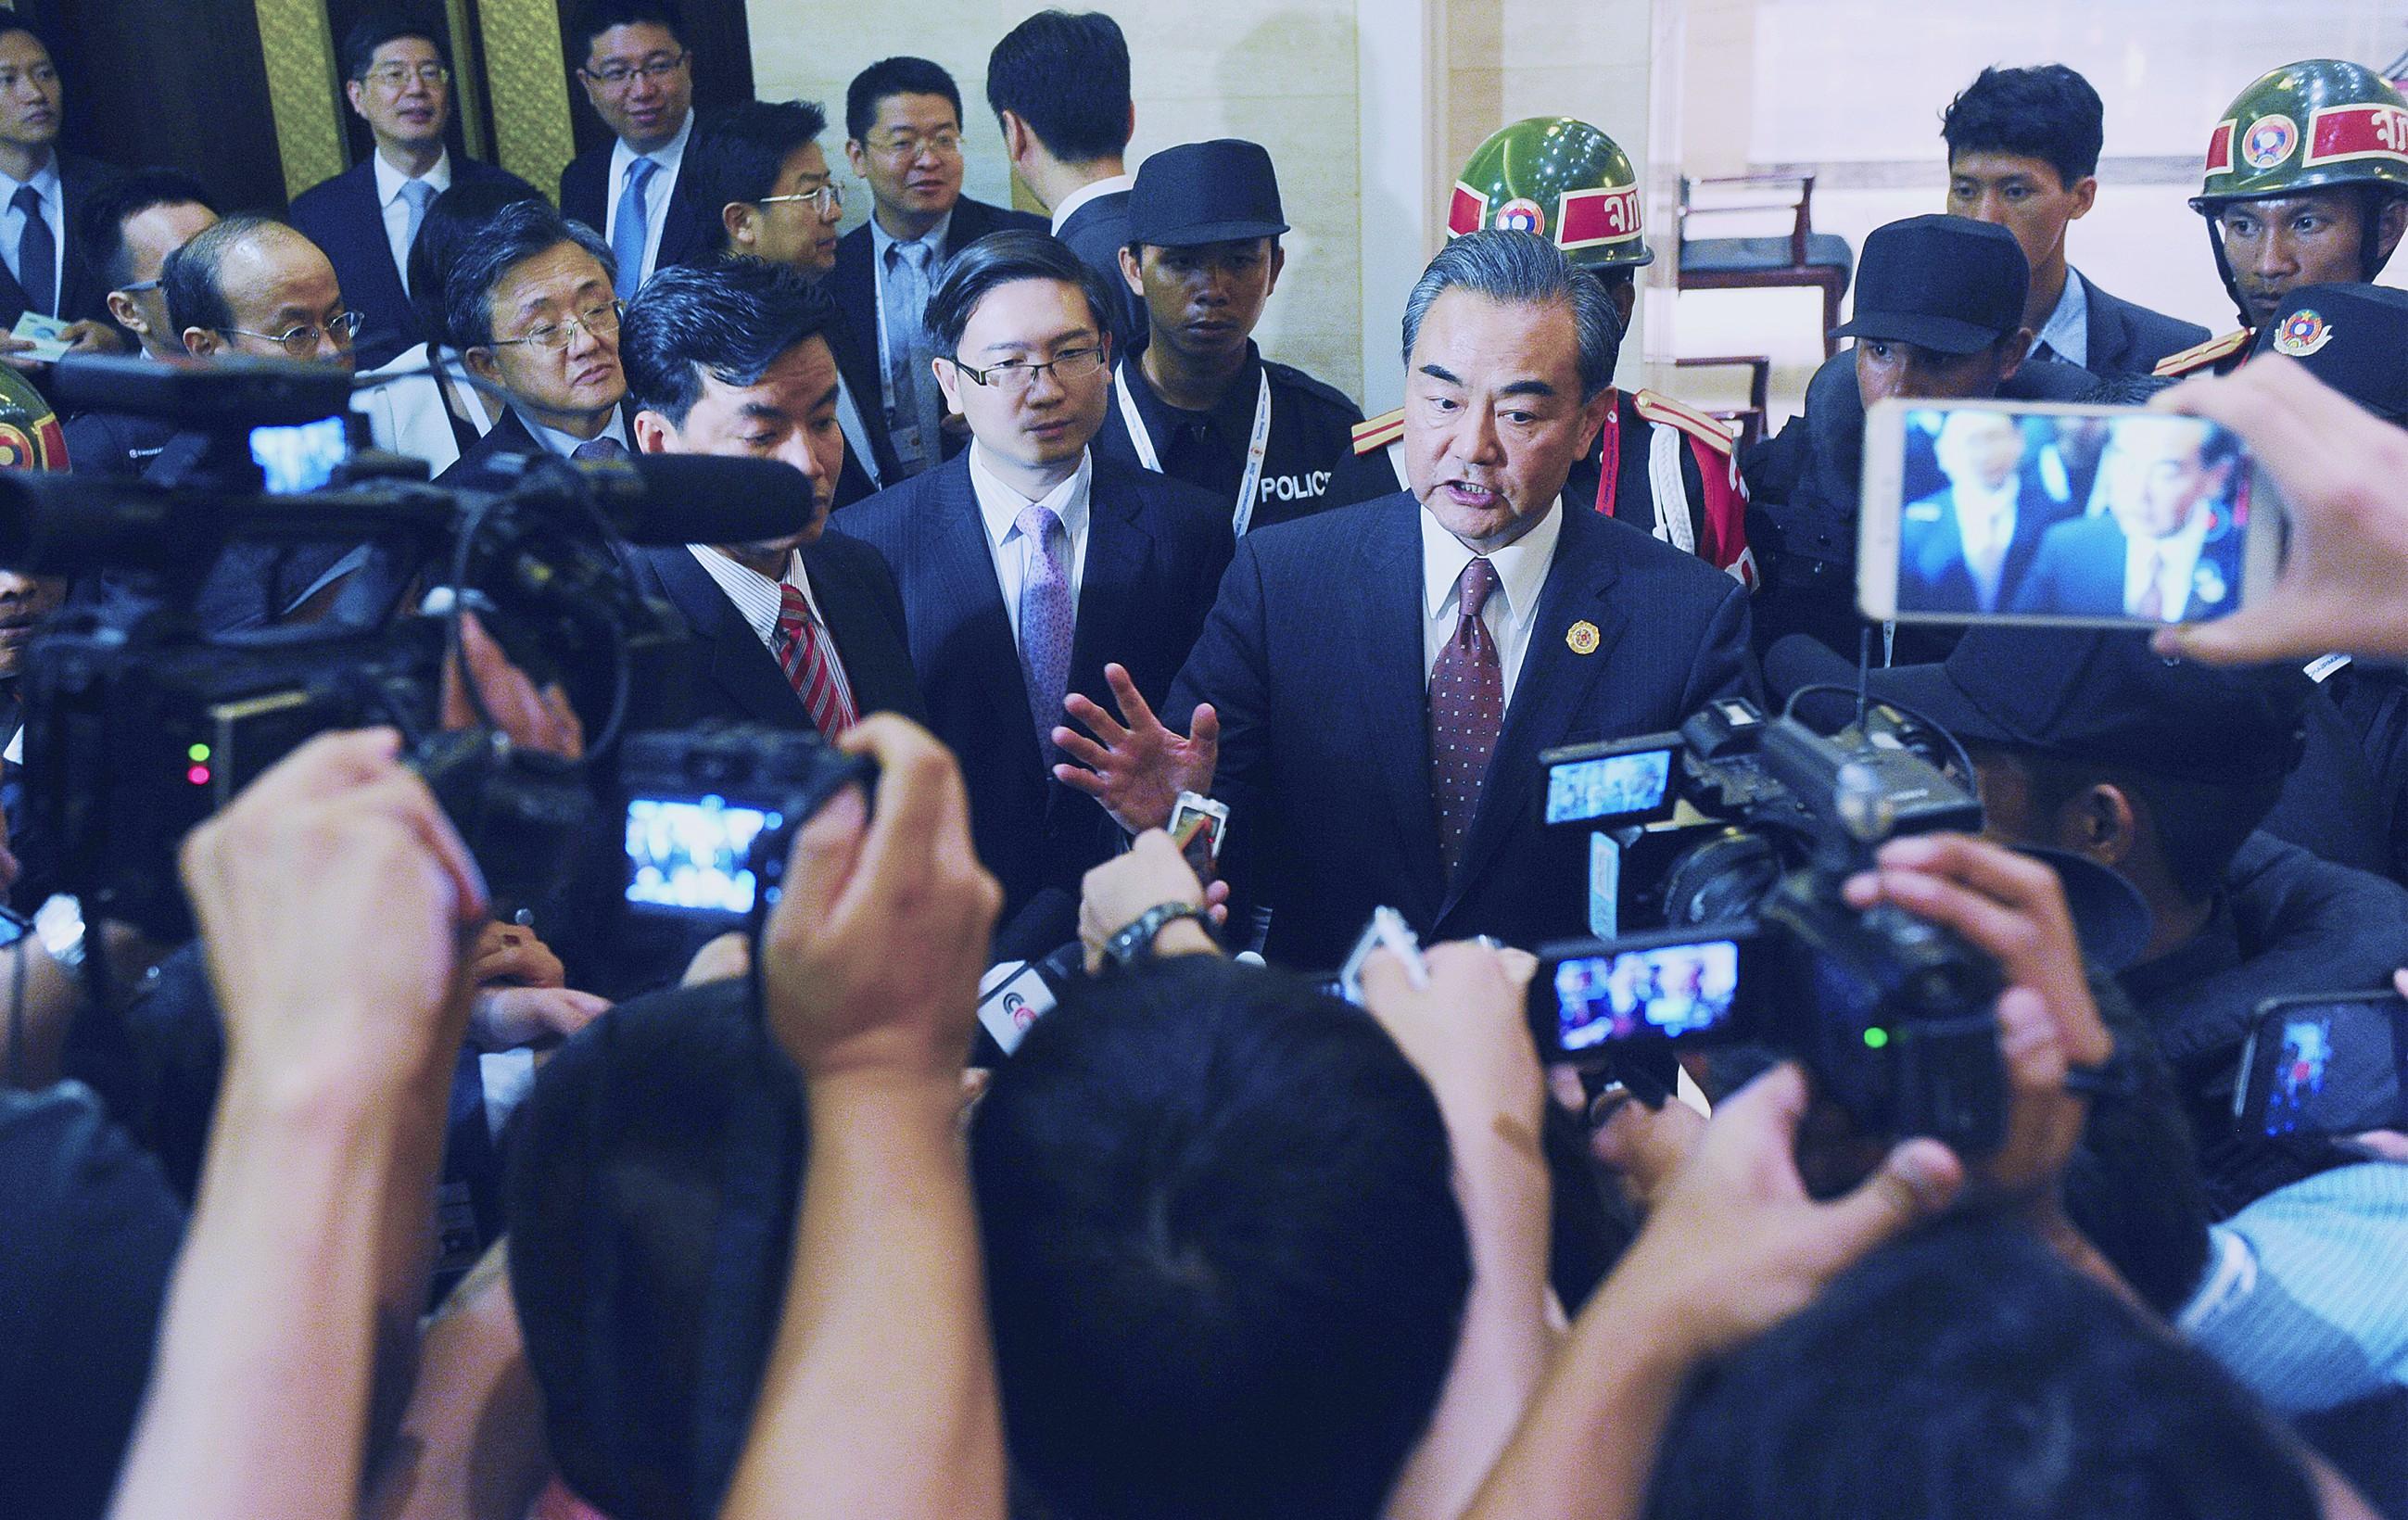 社评:东盟声明不提仲裁,闹剧在徐徐落幕